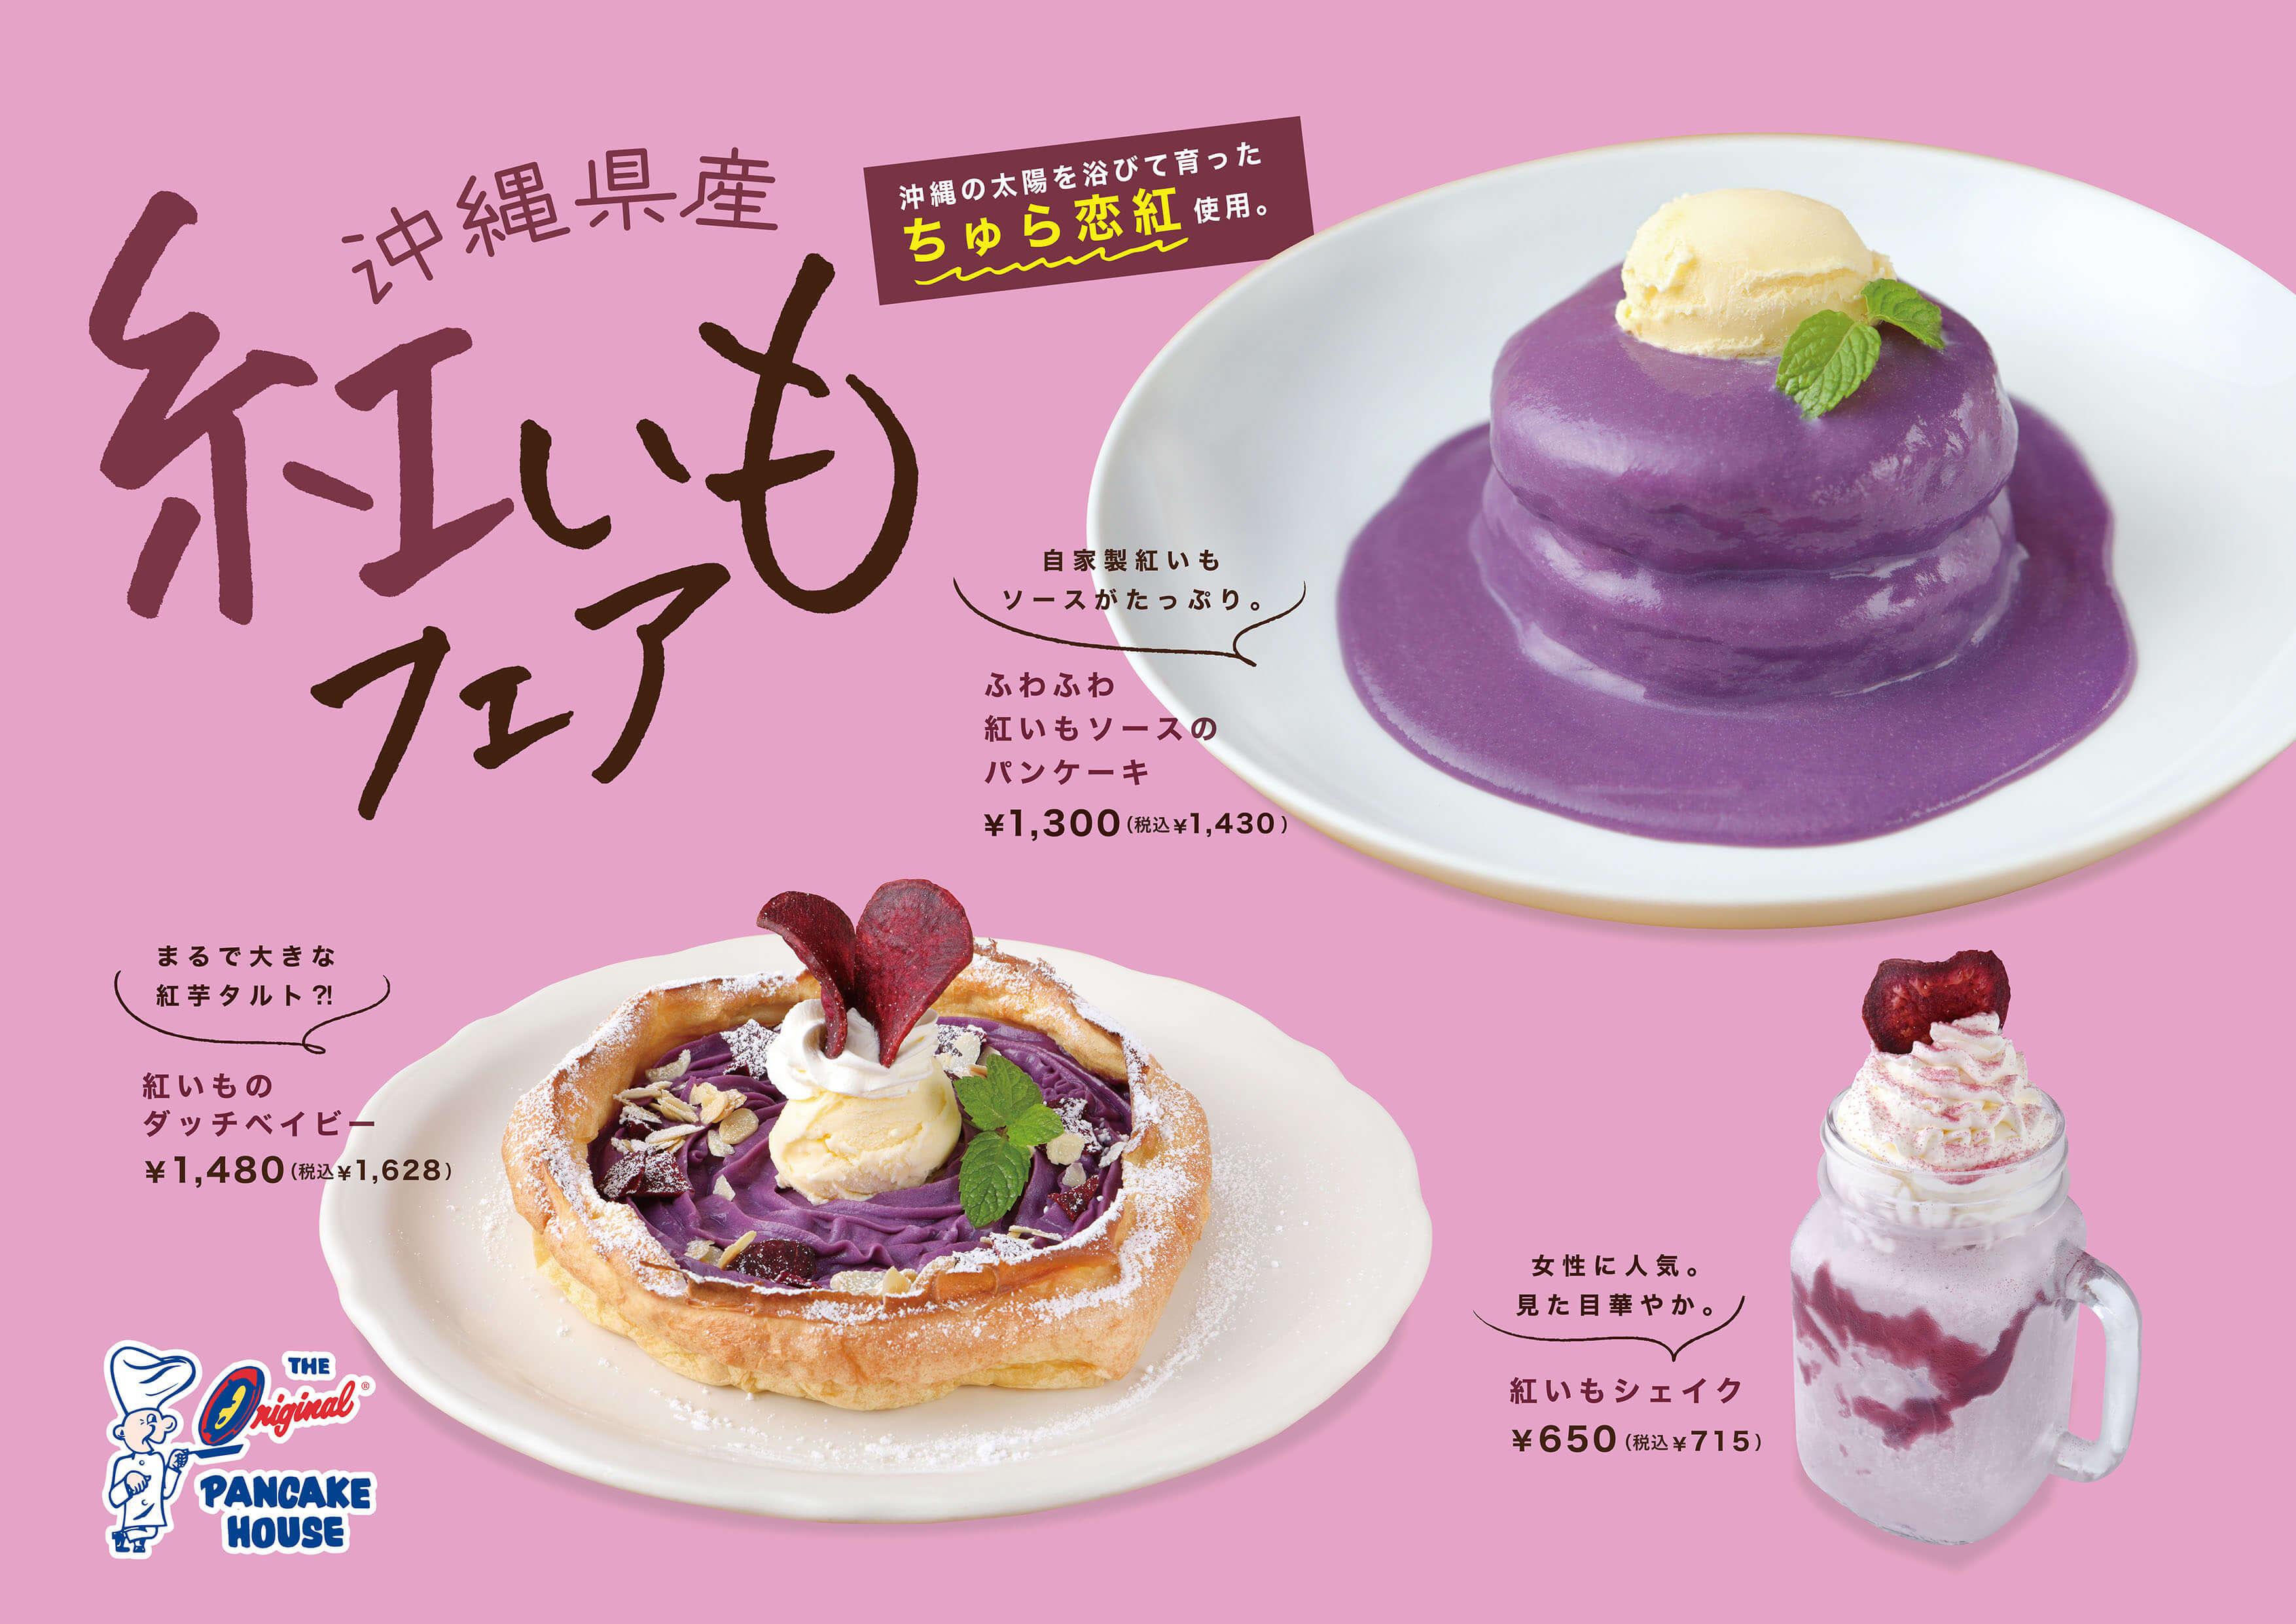 沖縄県産 紅いもパンケーキフェア開催中!